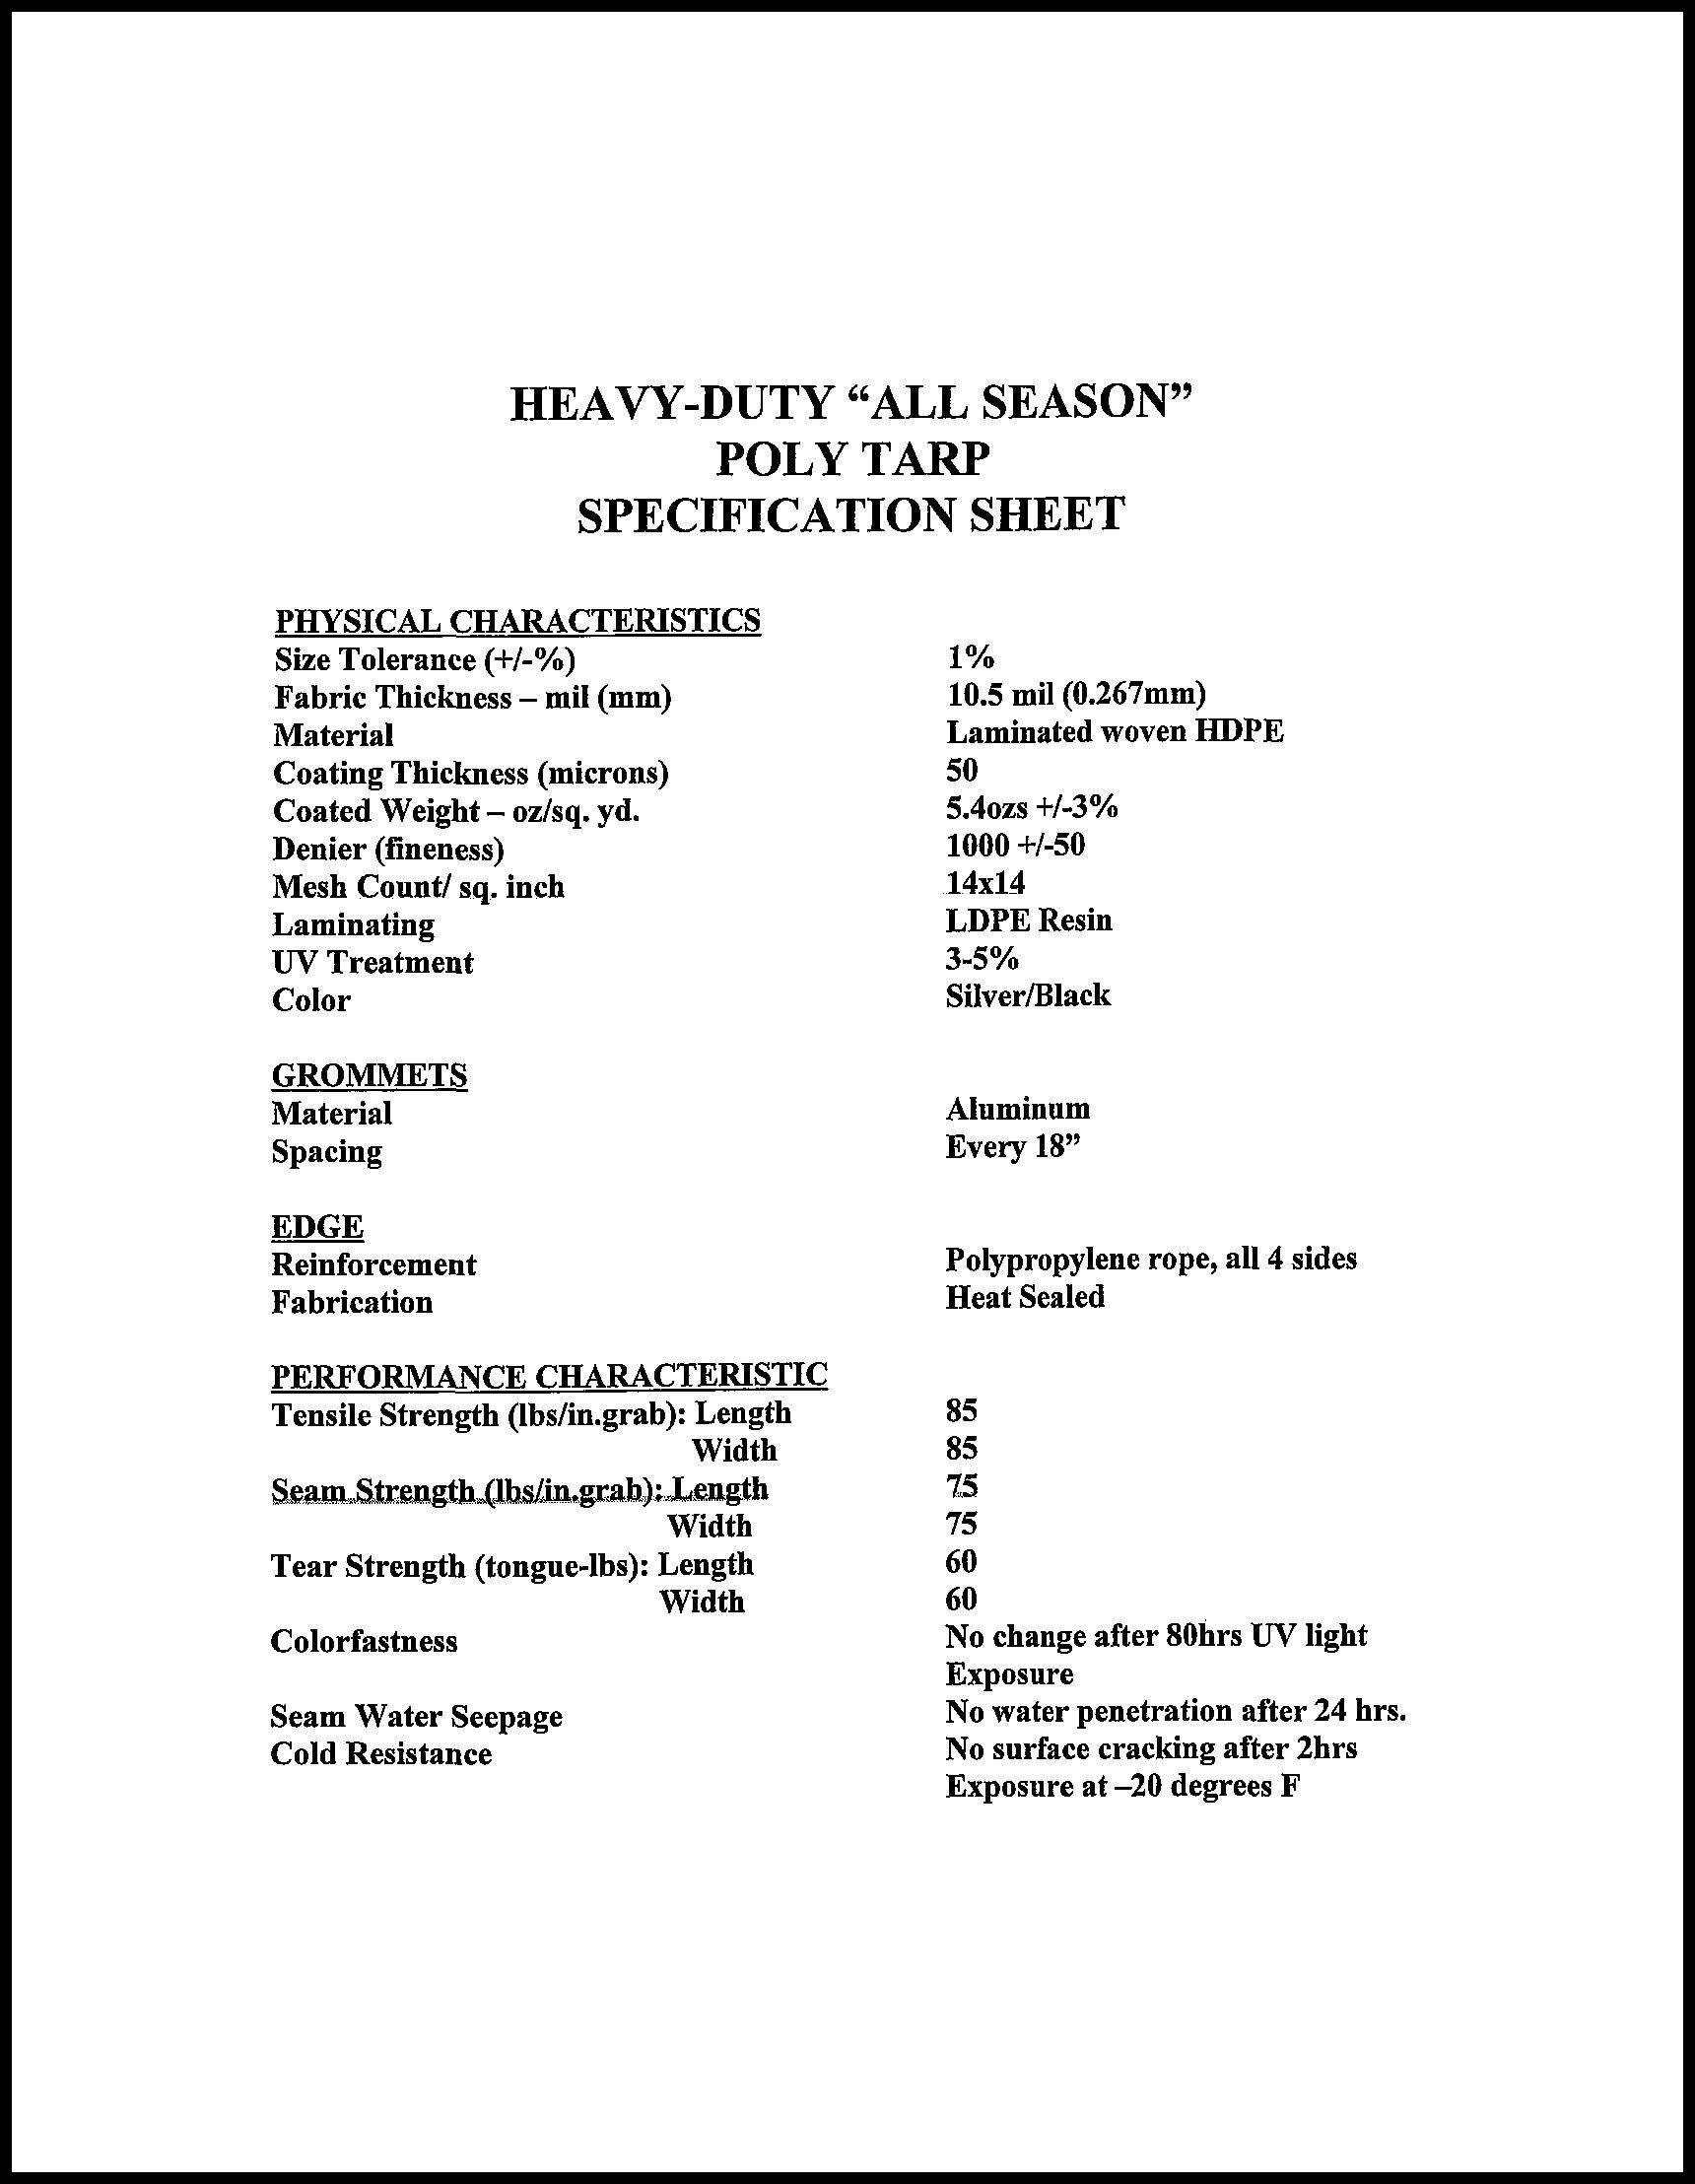 8x10 Heavy Duty Silver/Black Poly Tarp - 10.5 mil - 14x14 Weave - 100% Waterproof by Tarp Nation